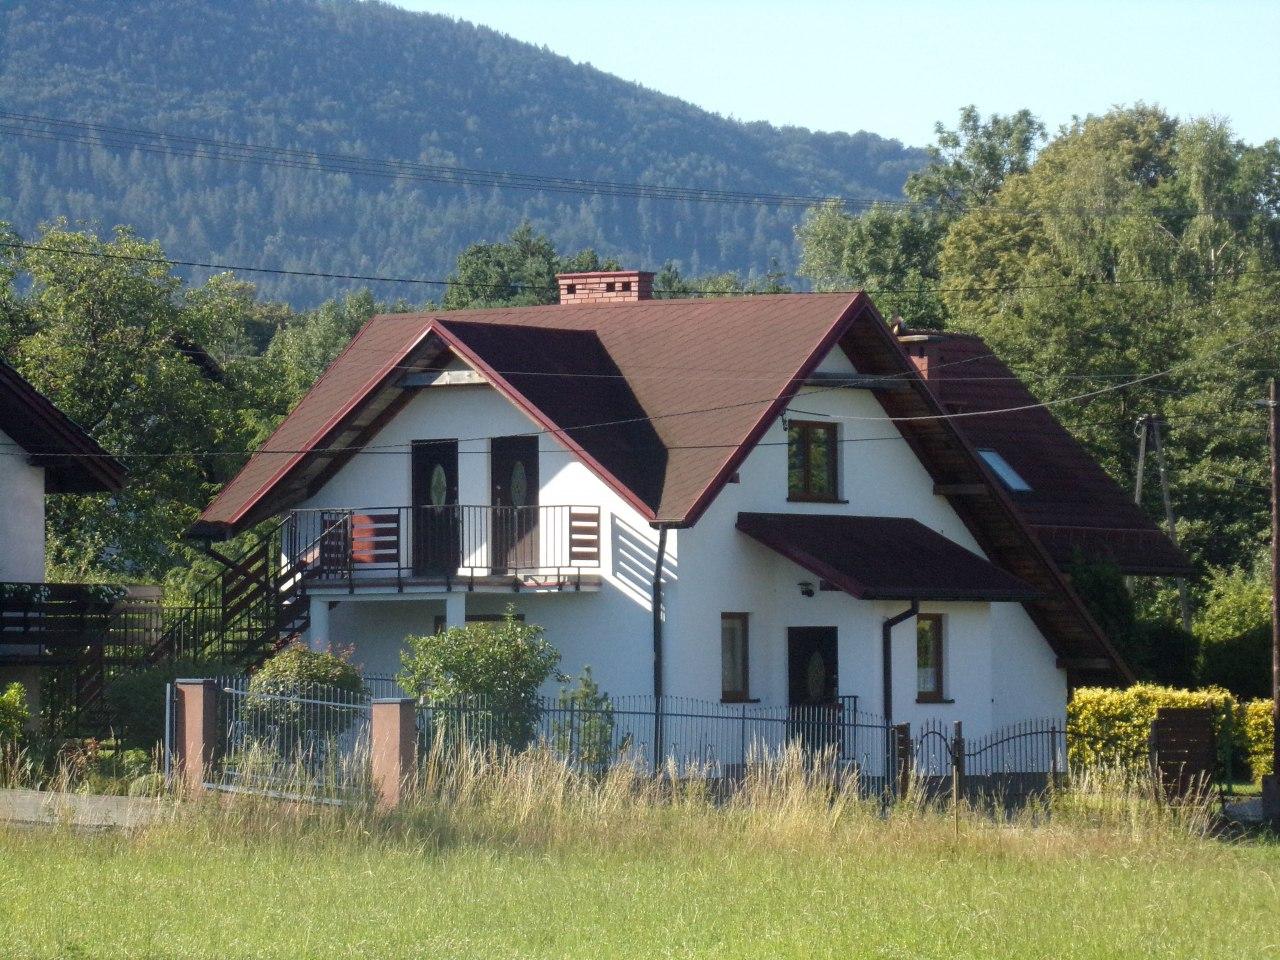 Domek pod lipowskim groniem